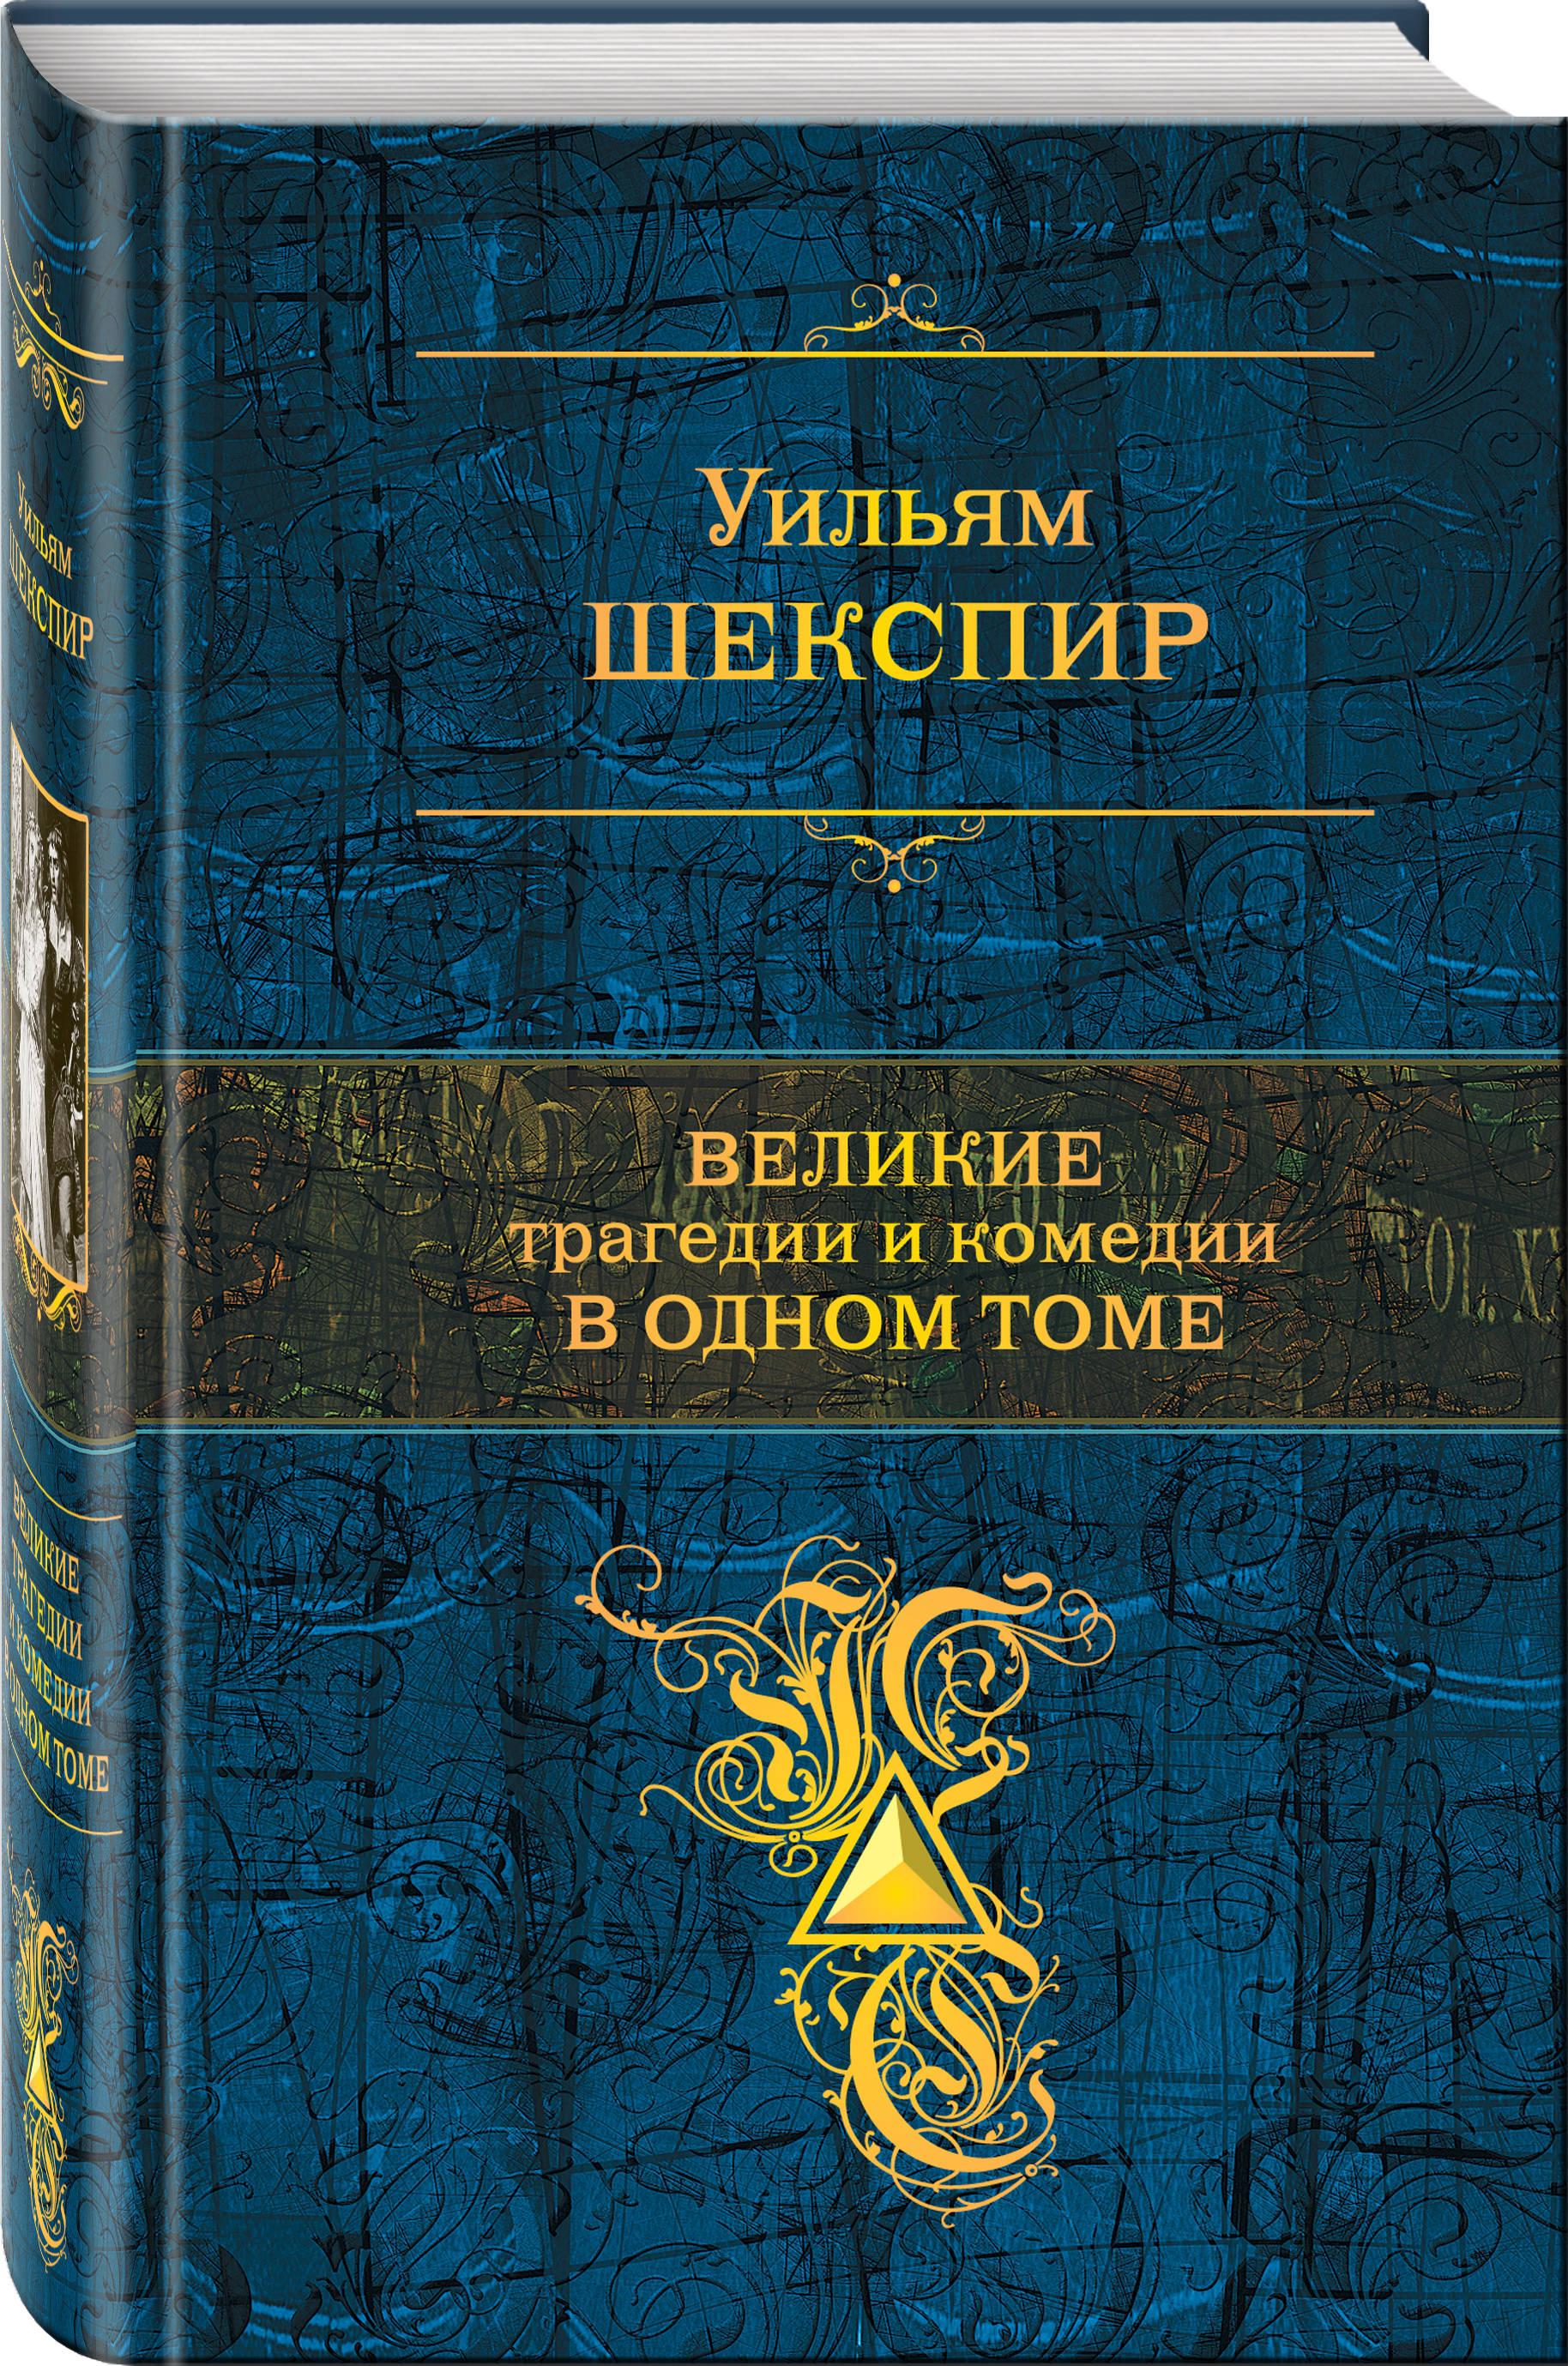 Шекспир У. Великие трагедии и комедии в одном томе ISBN: 978-5-04-092582-7 шекспир у э псс шекспир вел трагедии и комедии в од томе